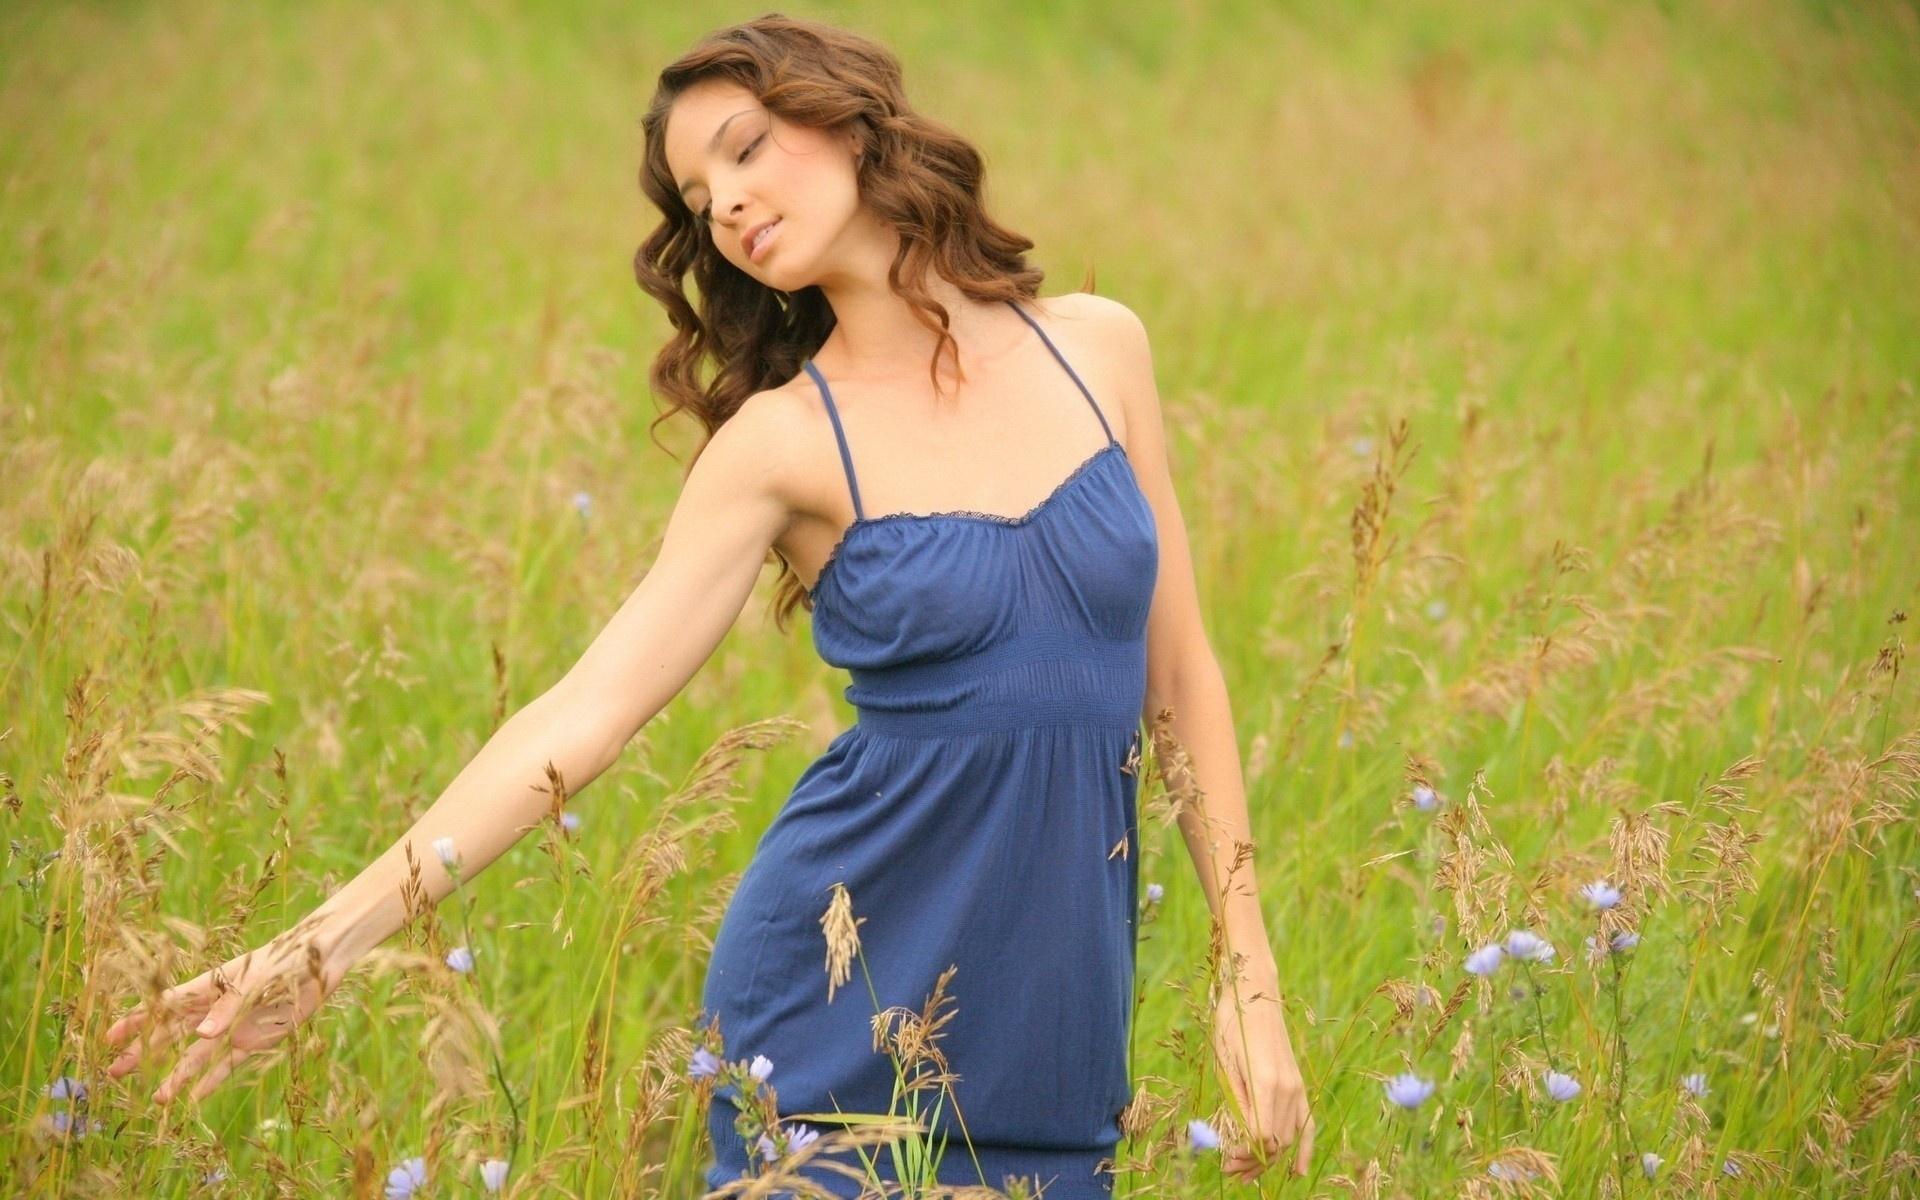 Природа девушки фото 3 фотография